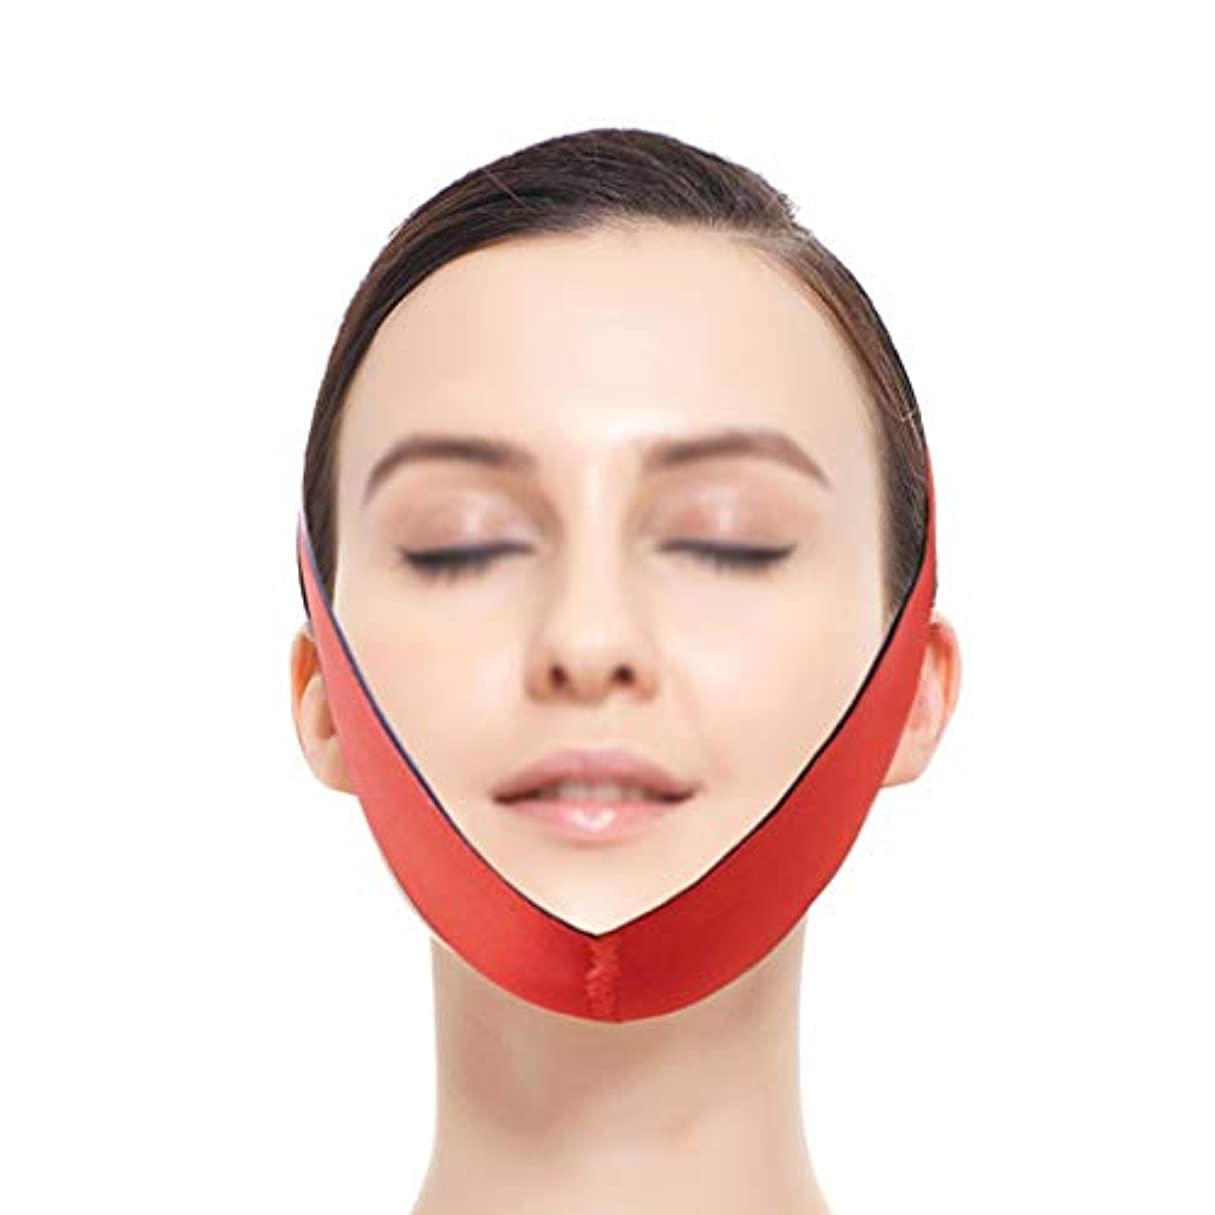 甘くする対処突っ込むXHLMRMJ フェイスリフティングマスク、Vフェイスリフティングおよび締め付け、二重あご減量包帯、フェイシャルリフティングフェイスバンド(すべてのコード)